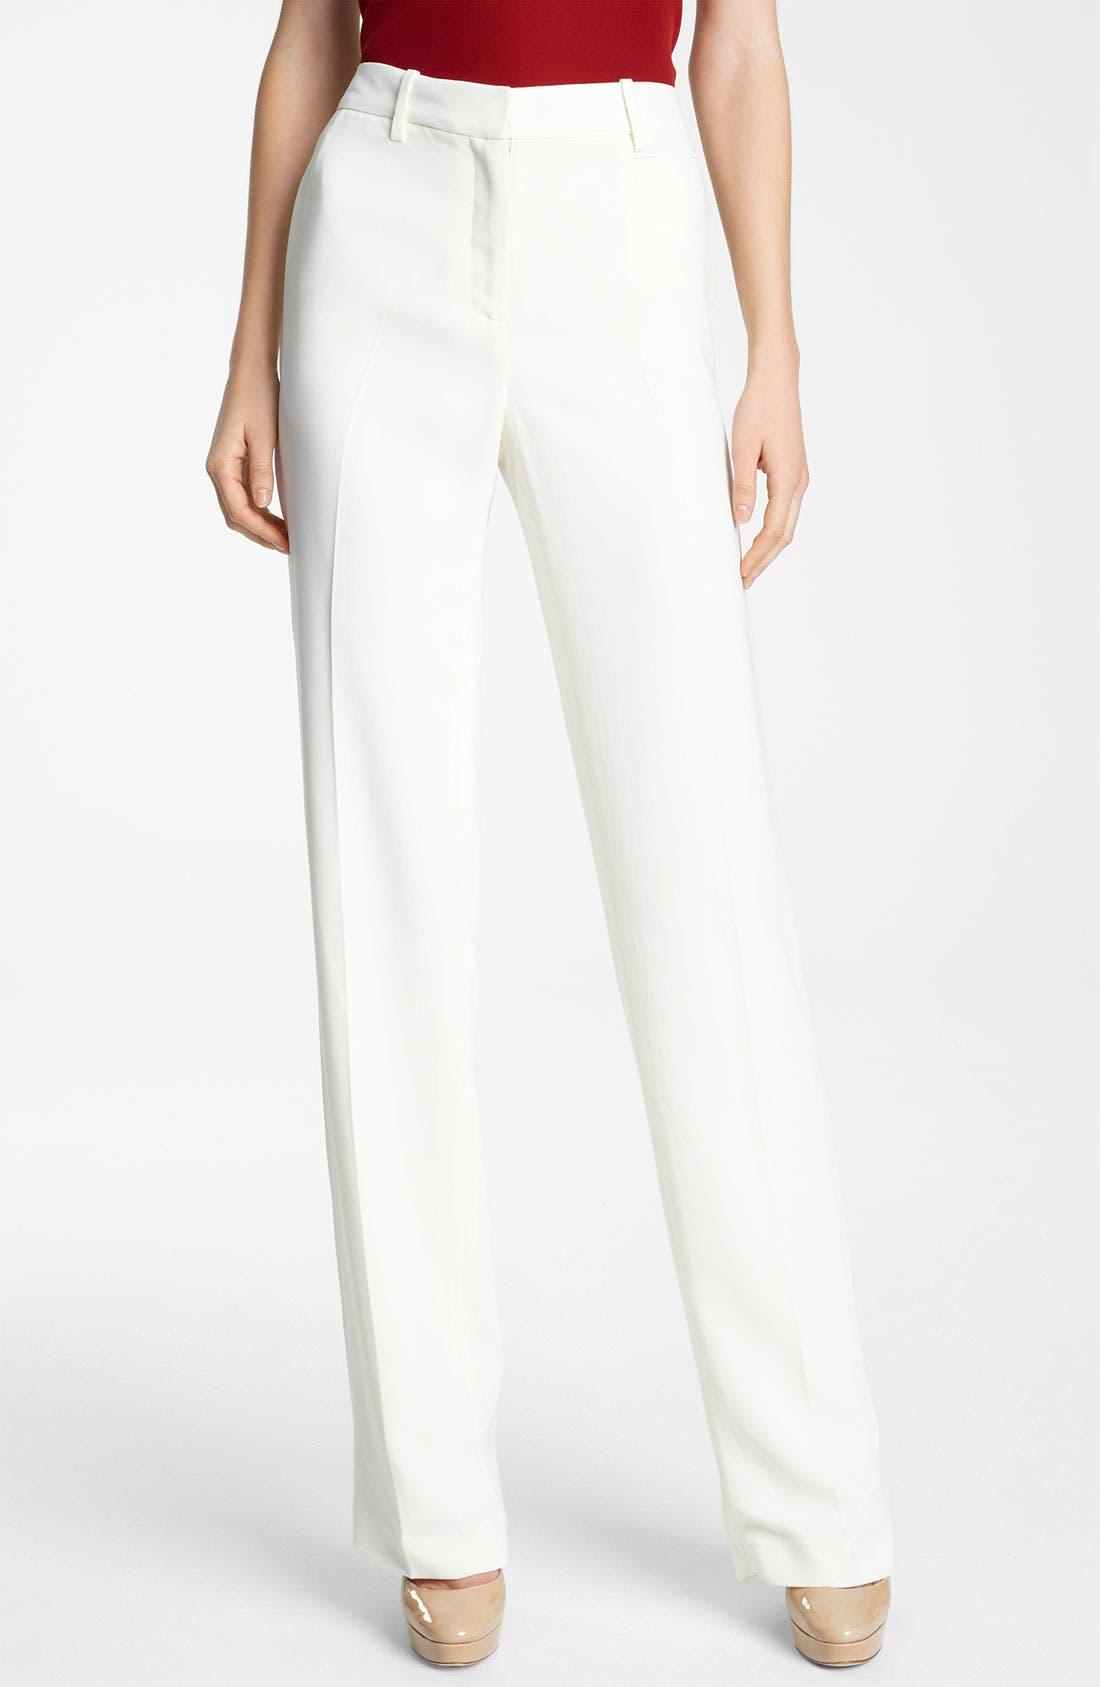 Alternate Image 1 Selected - Reed Krakoff Slim Pants